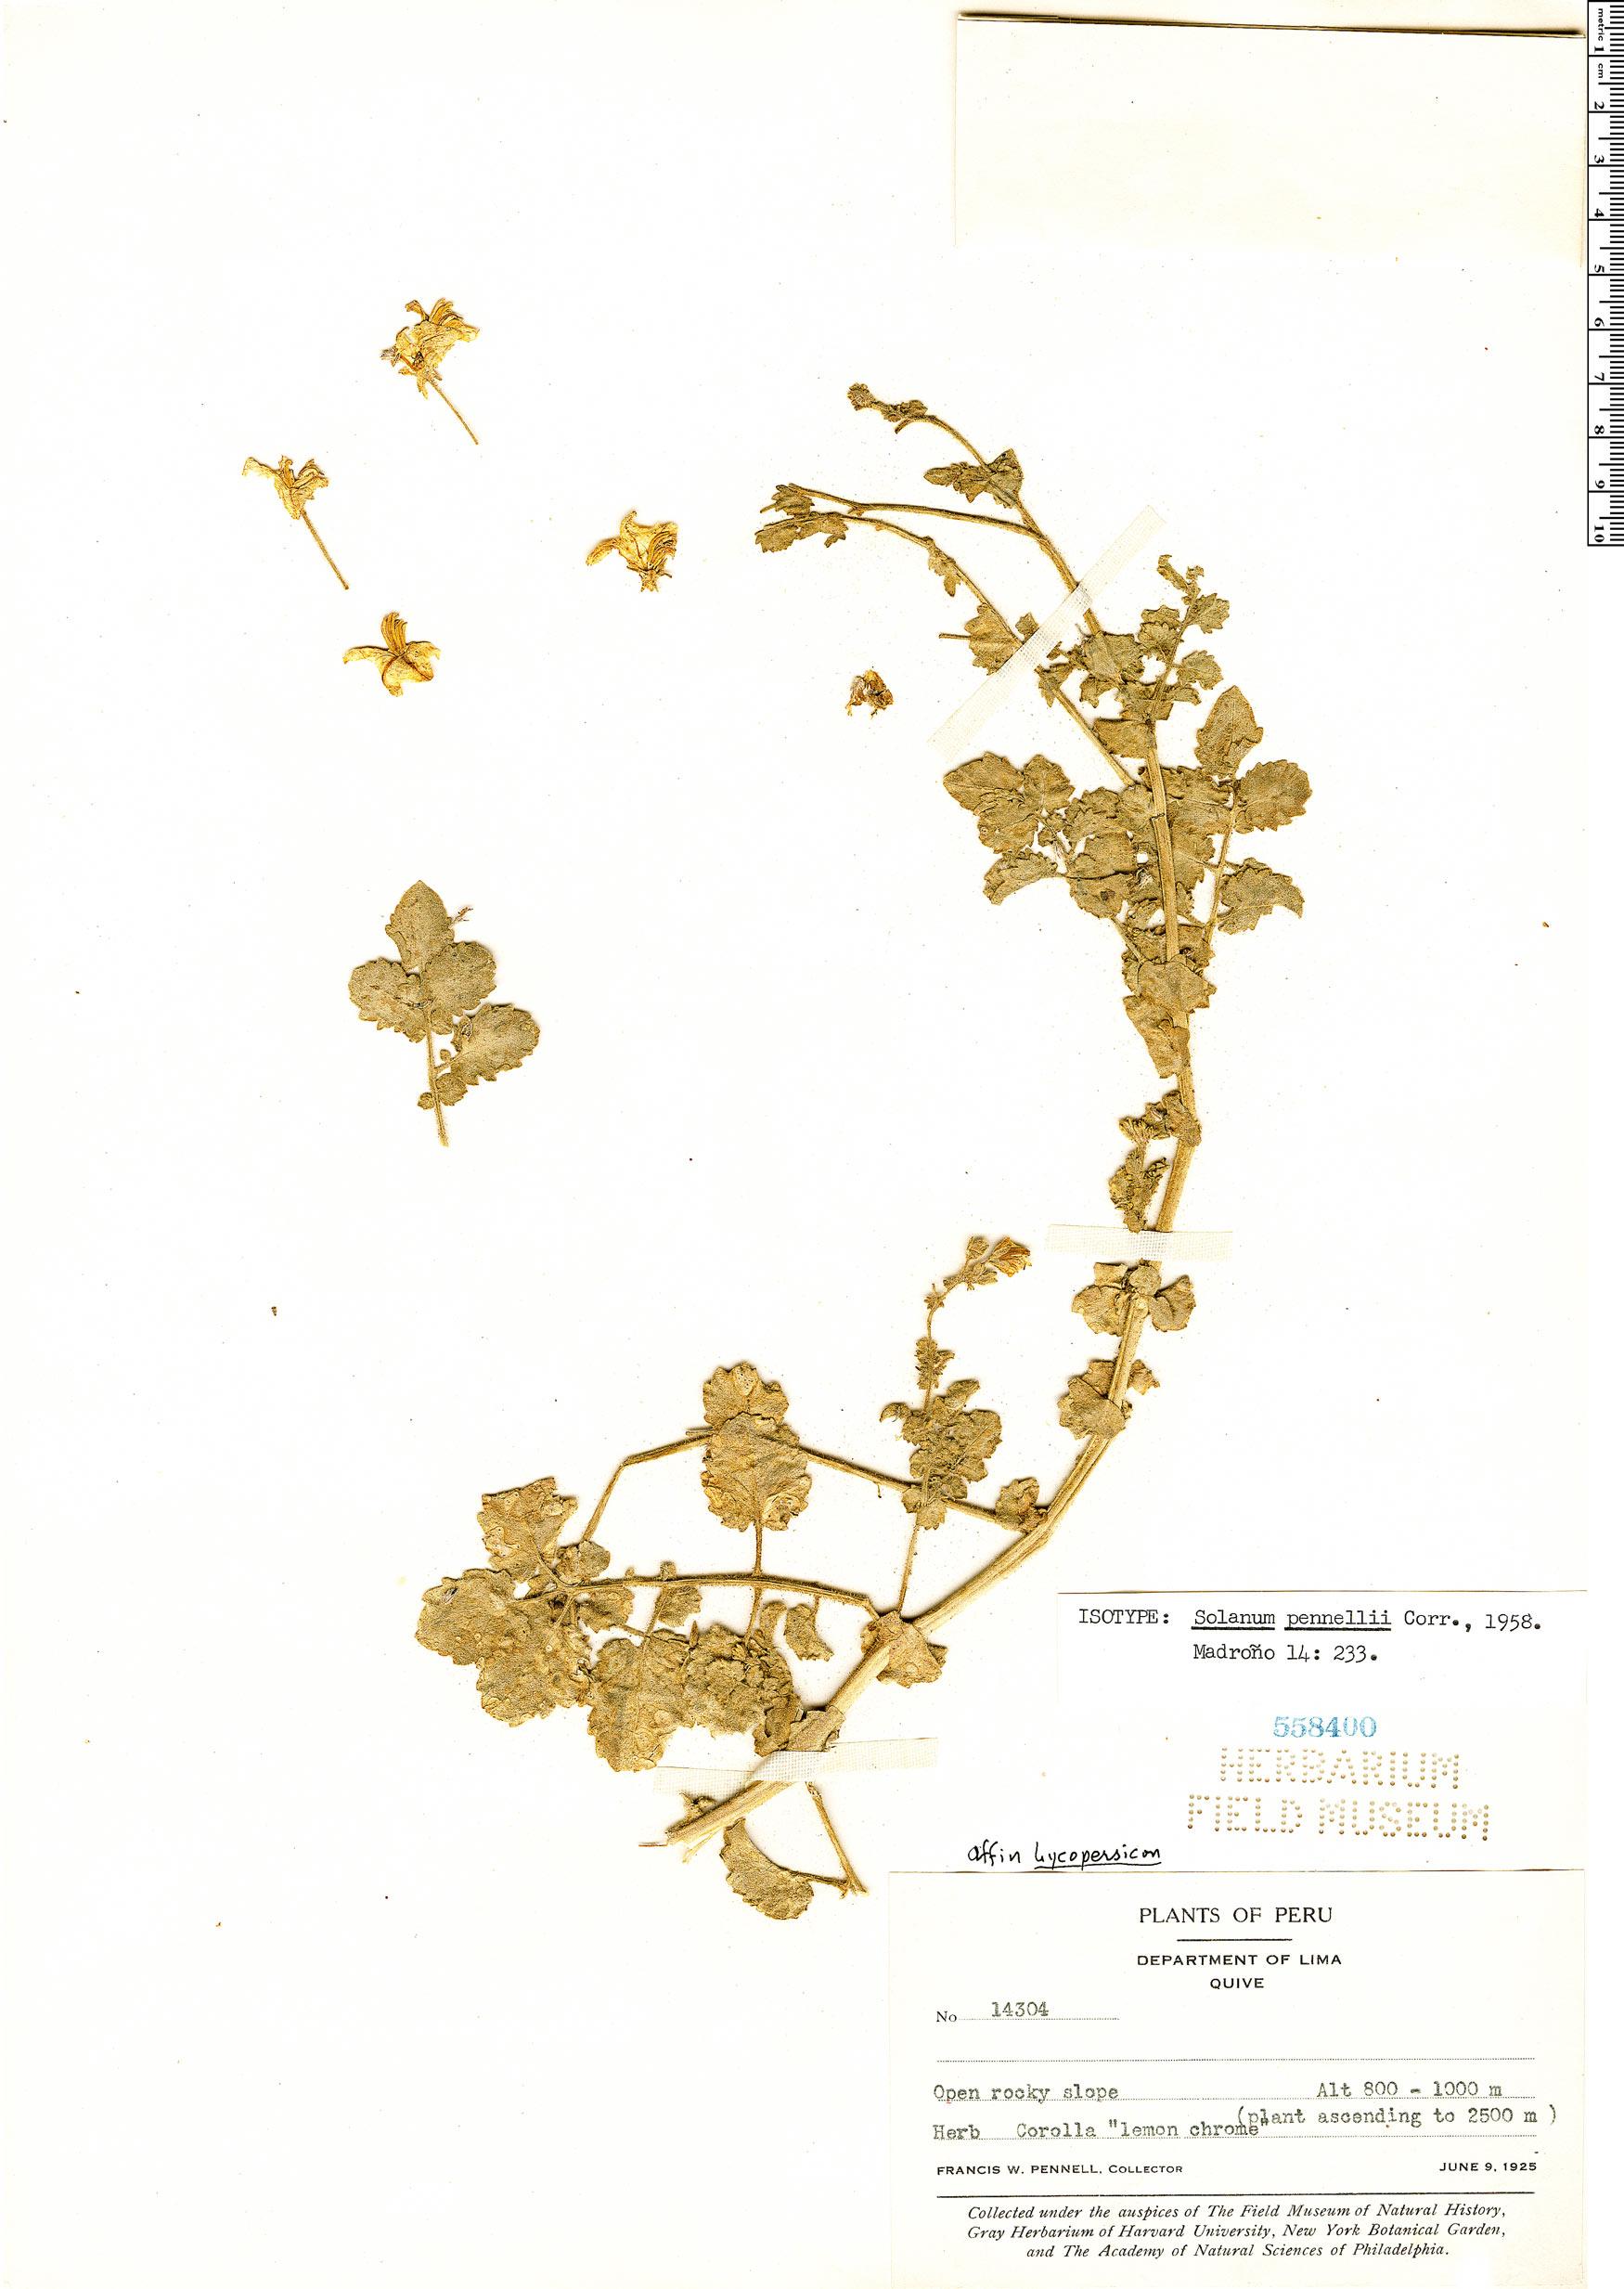 Specimen: Solanum pennellii